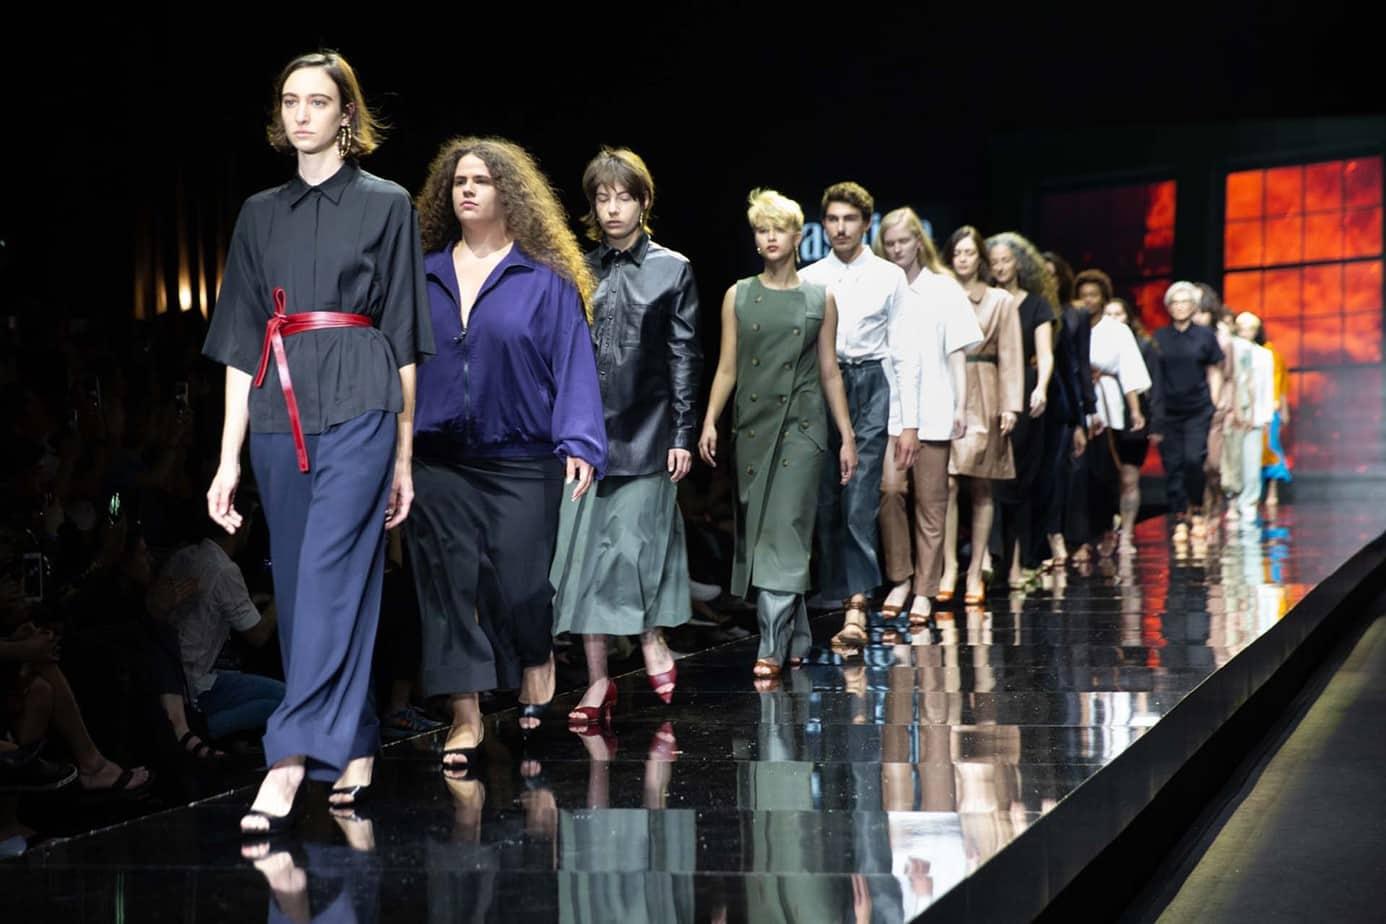 קום איל פו. שבוע האופנה תל אביב 2019. צילום שגב אורלב - 15